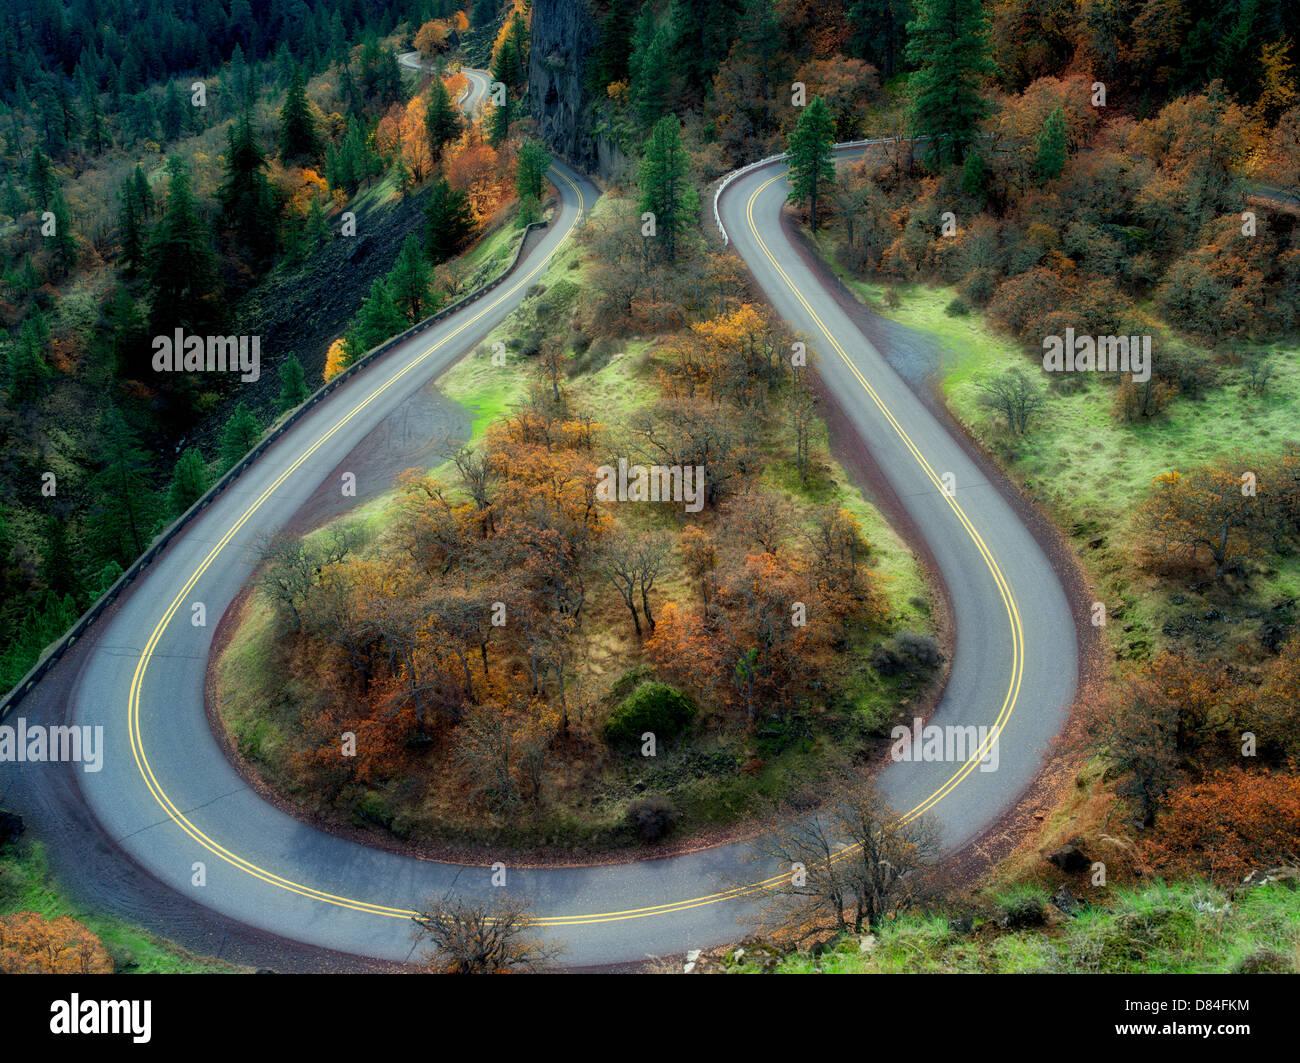 Curving road avec couleurs d'automne dans la gorge du Columbia National Scenic Area. Oregon Photo Stock